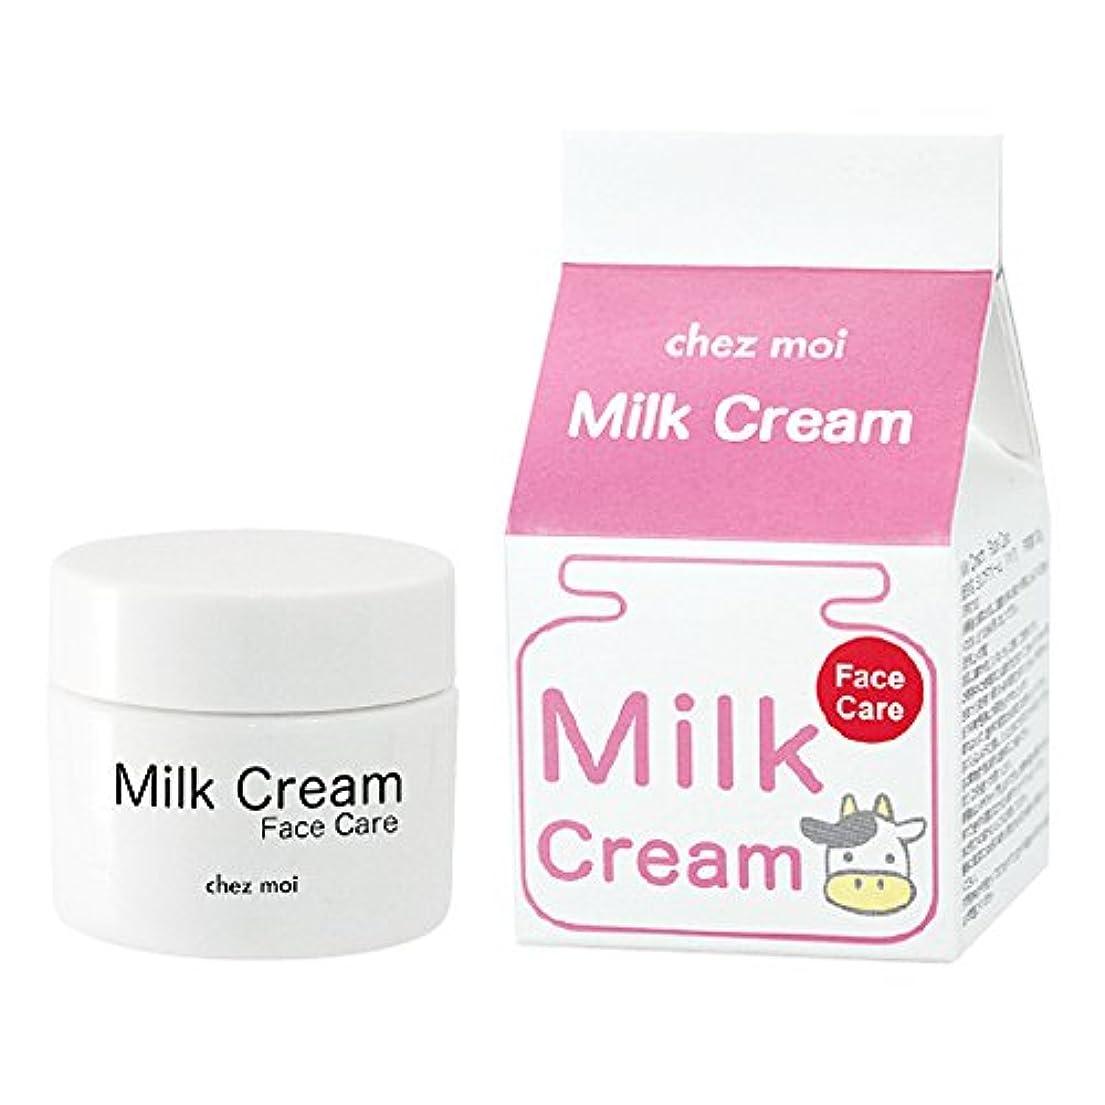 付与炭素麺シェモア Milk Cream Face Care(ミルククリーム フェイスケア) 30g